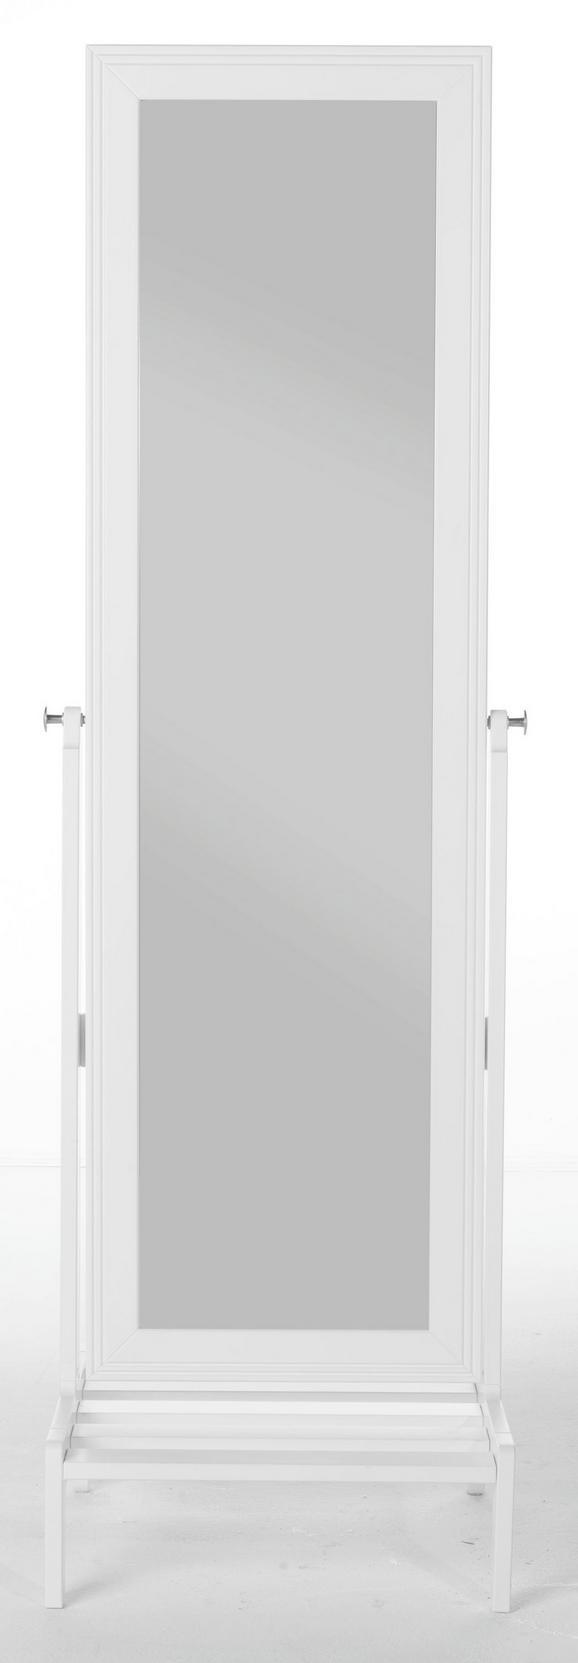 Standspiegel ca. 50x170x50cm - Weiß, LIFESTYLE, Holz (50/169.5/50cm) - Zandiara